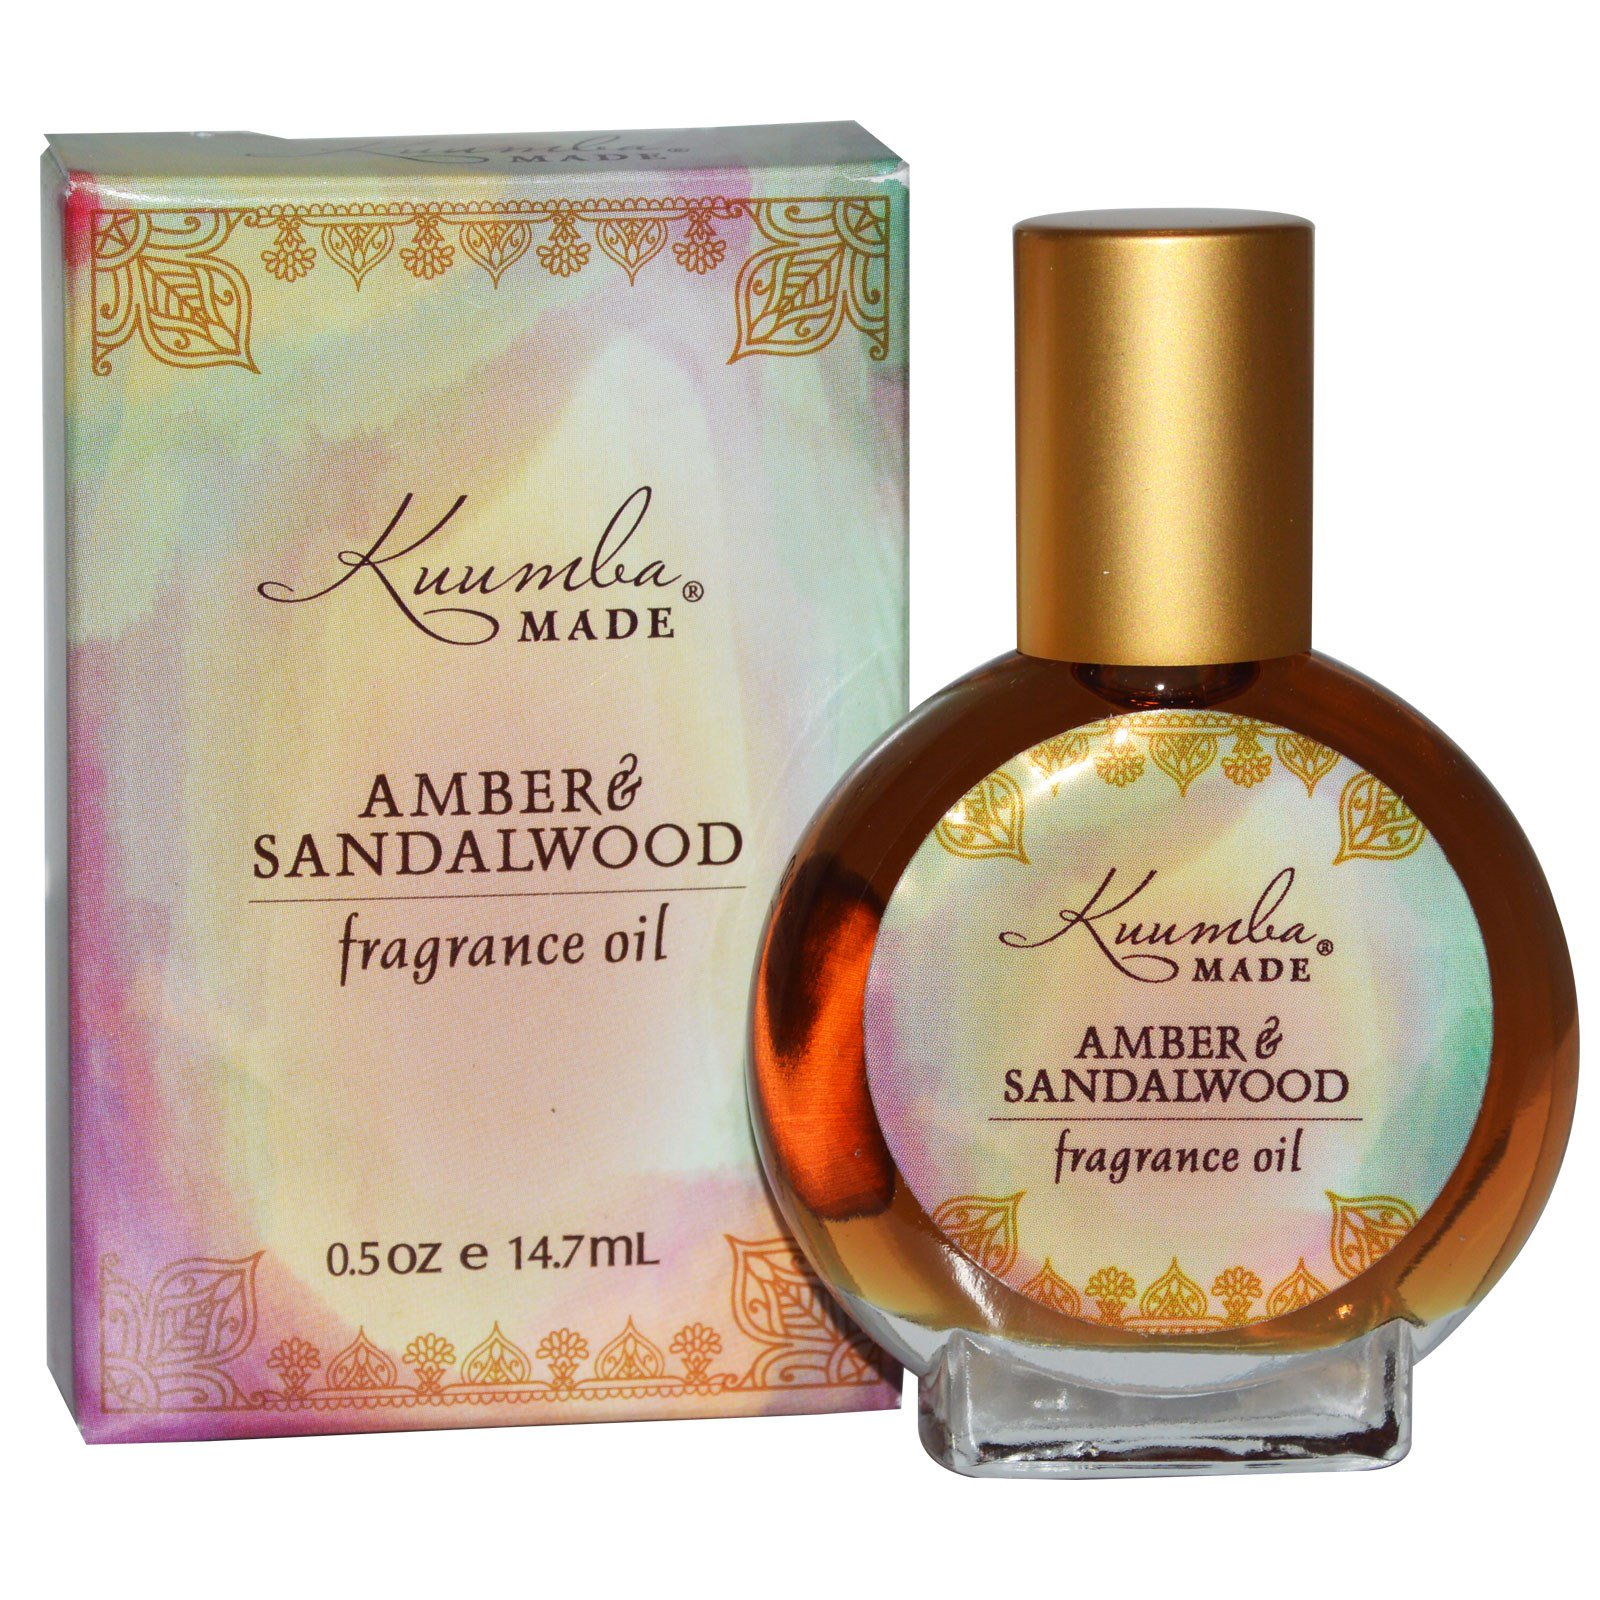 Kuumba Made, Ароматическое масло, амбра и сандал, 0.5 унций (14.7 мл)